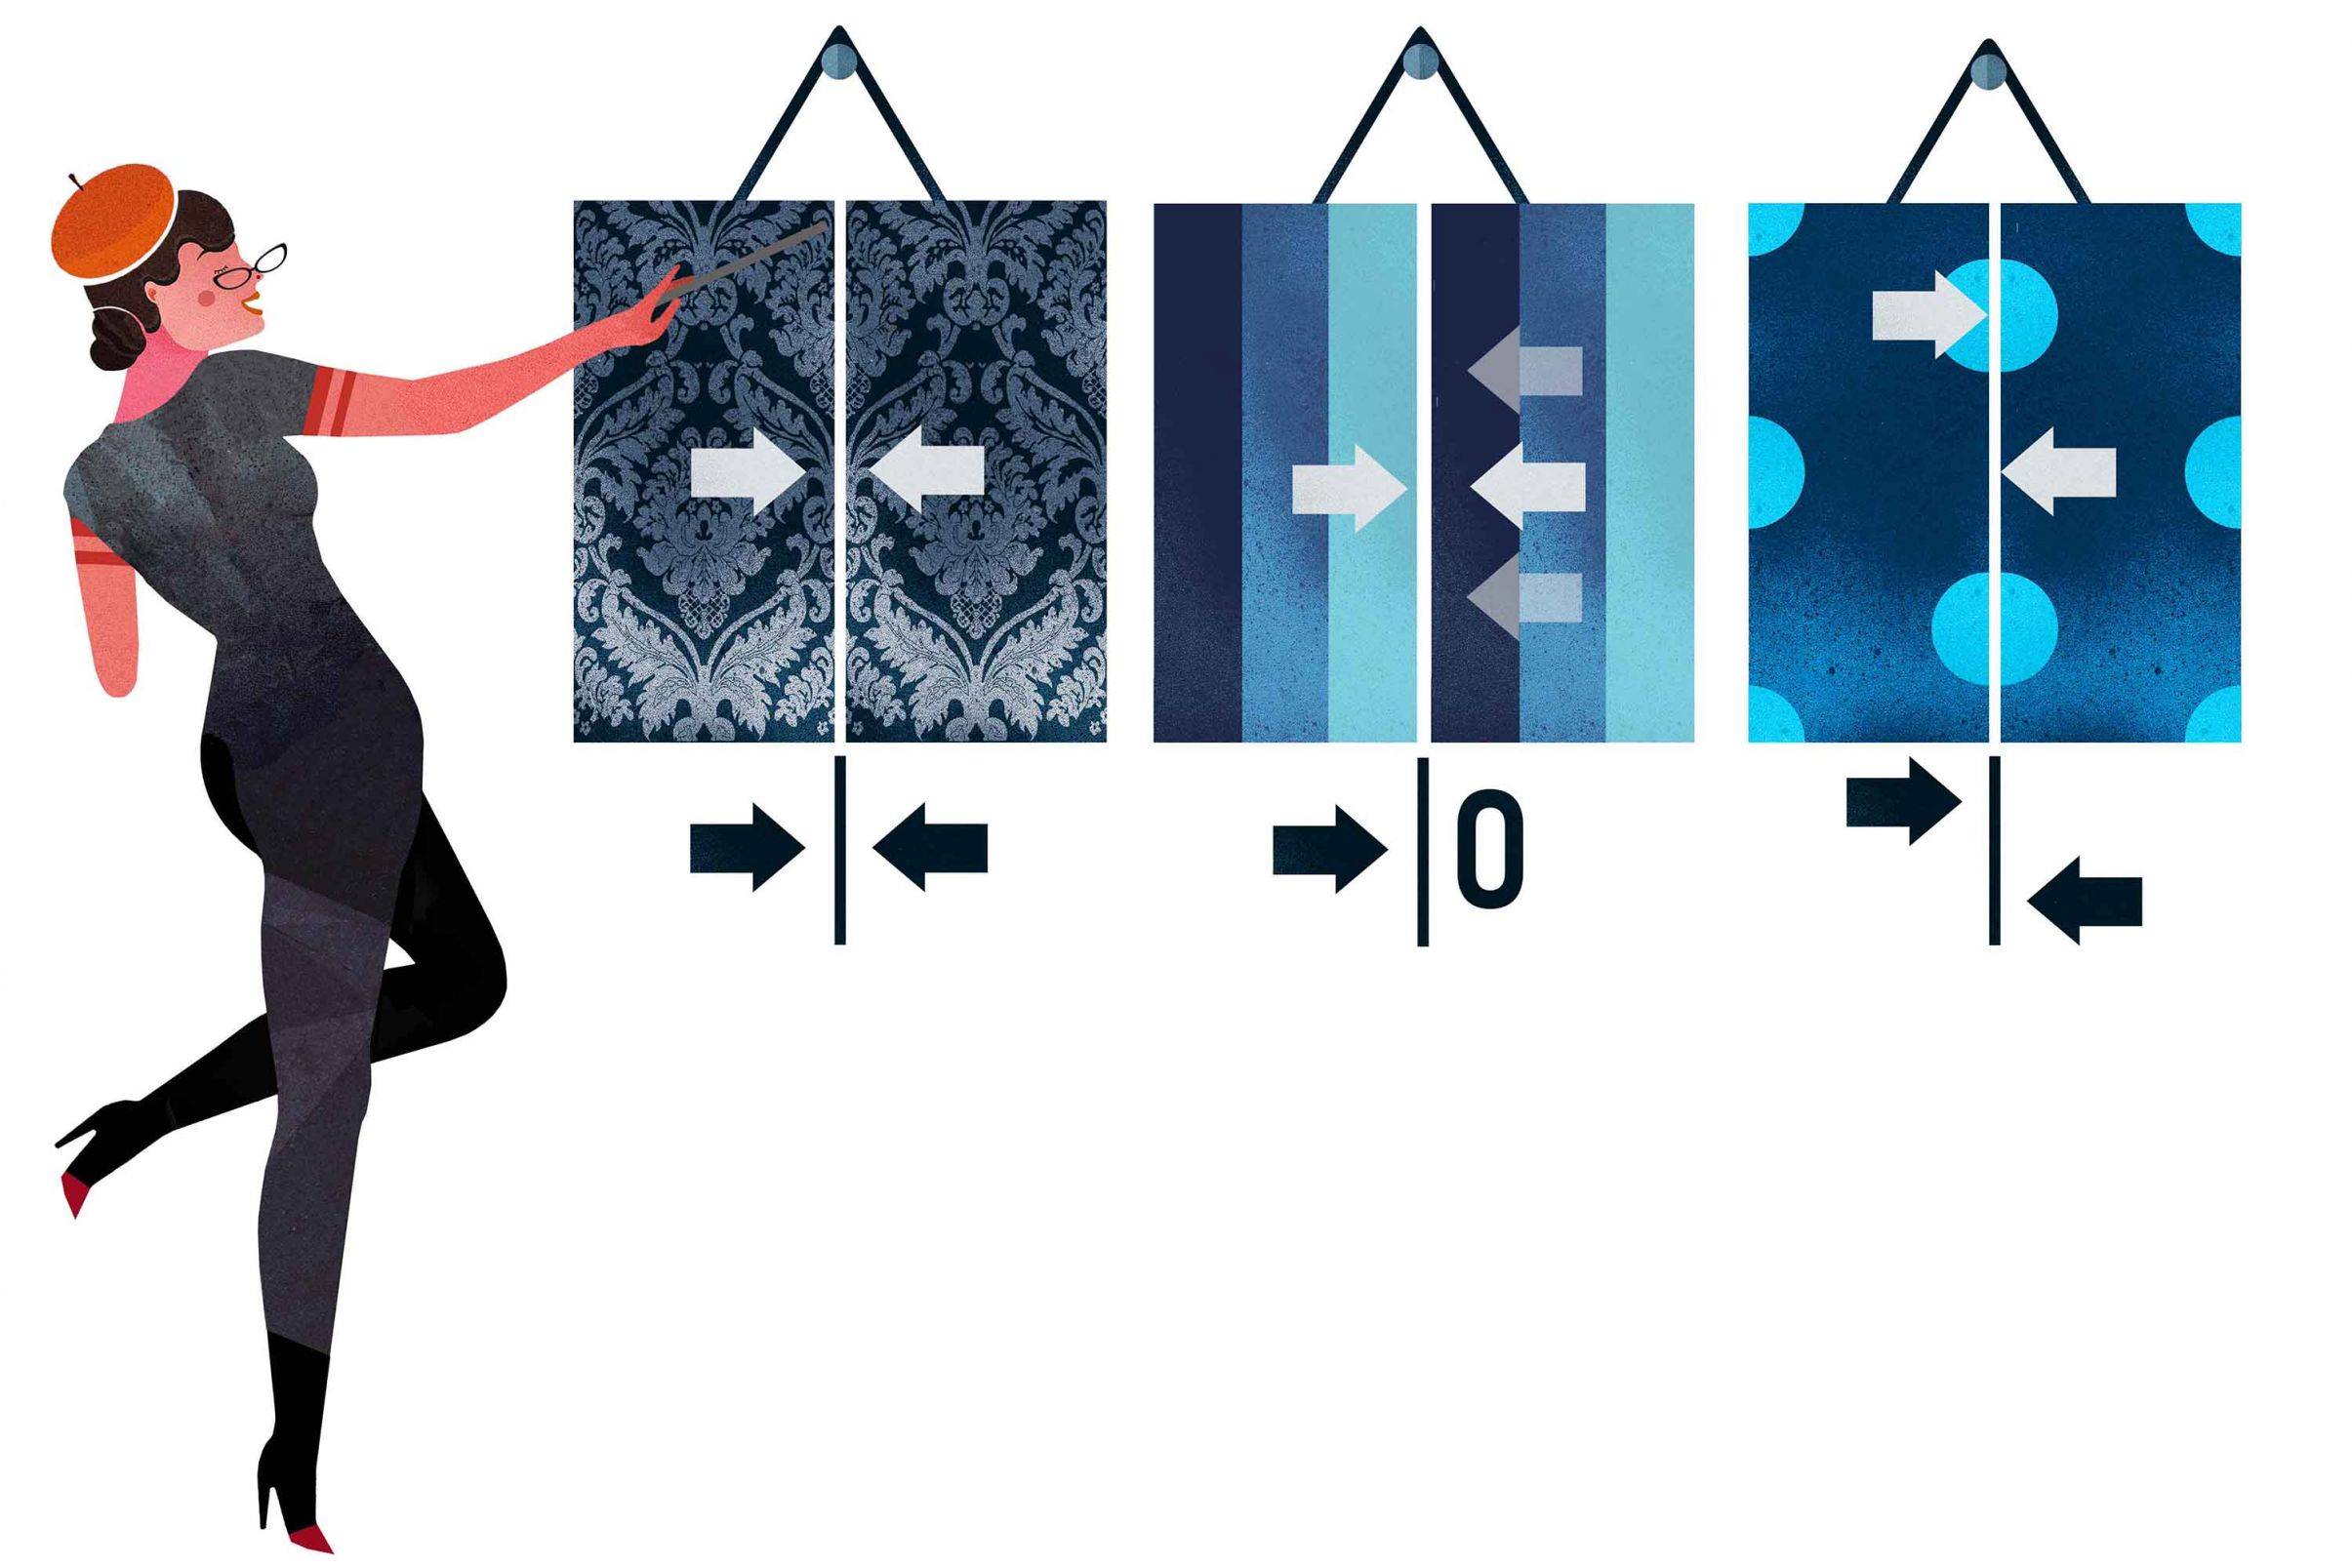 Como-cortar-el-papel-pintado-correctamente-Recordar-el-patron-de-repeticion-para-tiras-adicionales